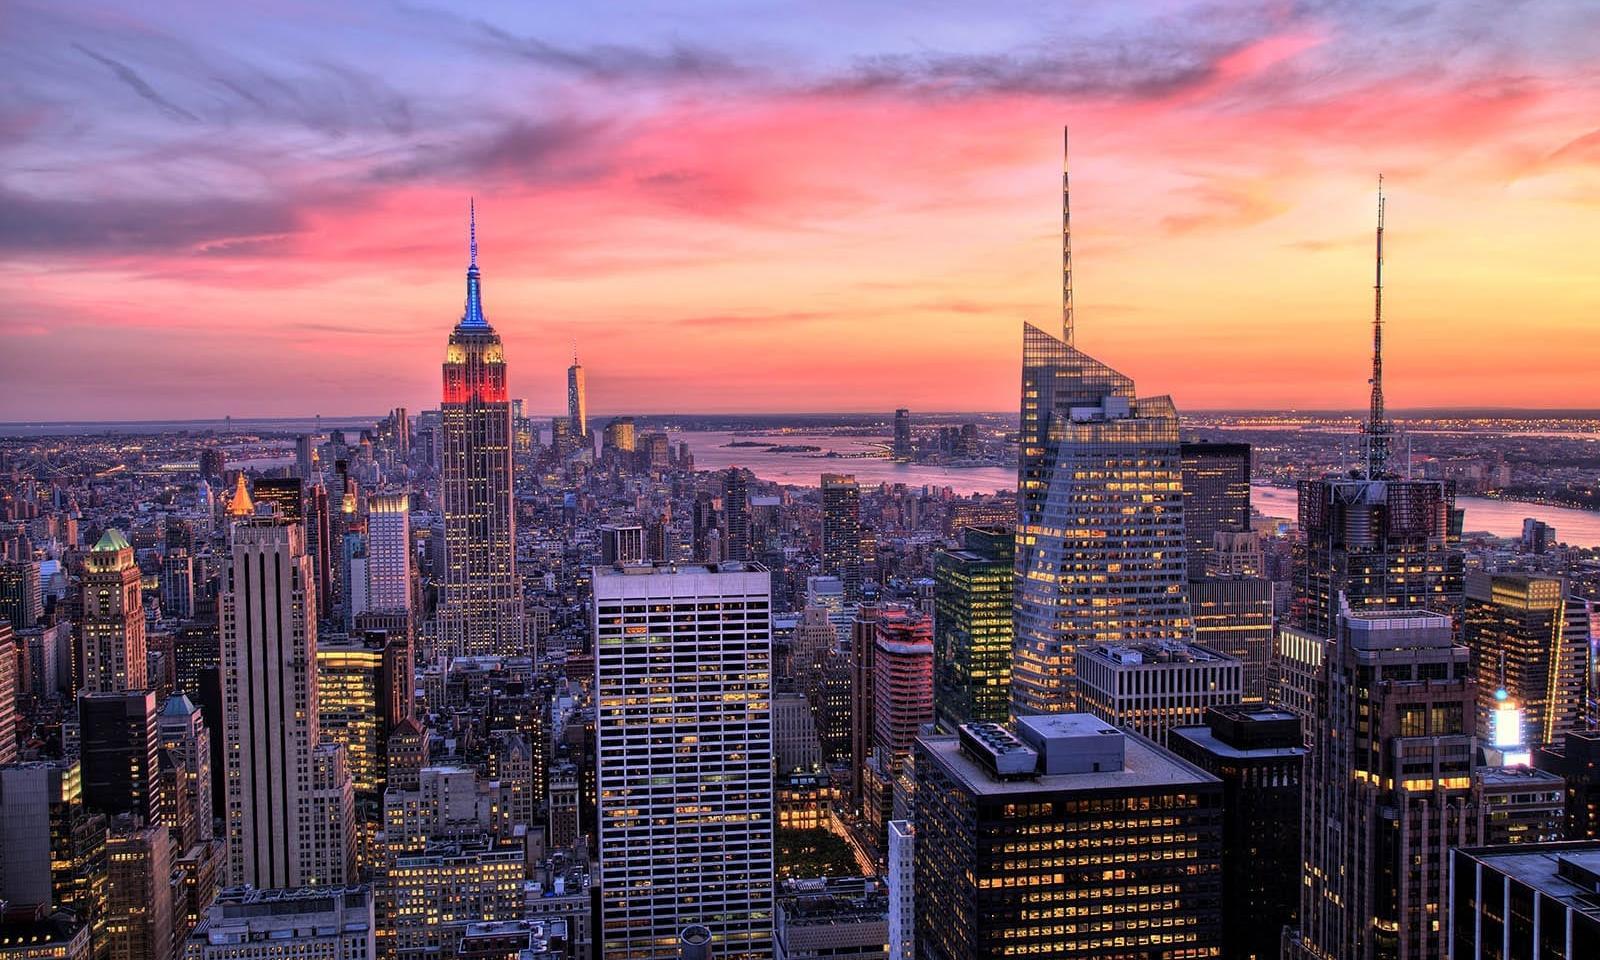 Empire-State-Building-Nova-York-1600x960